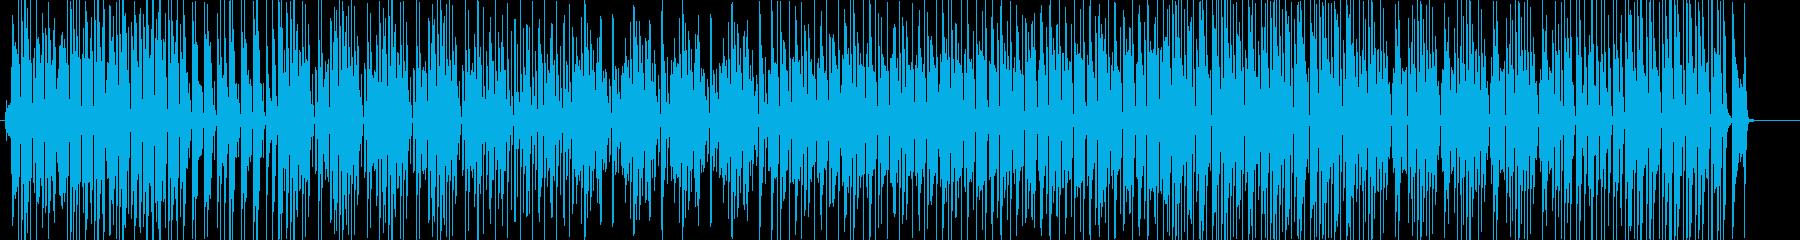 コミカル-ゆるい-アニメ-ゲーム-生き物の再生済みの波形